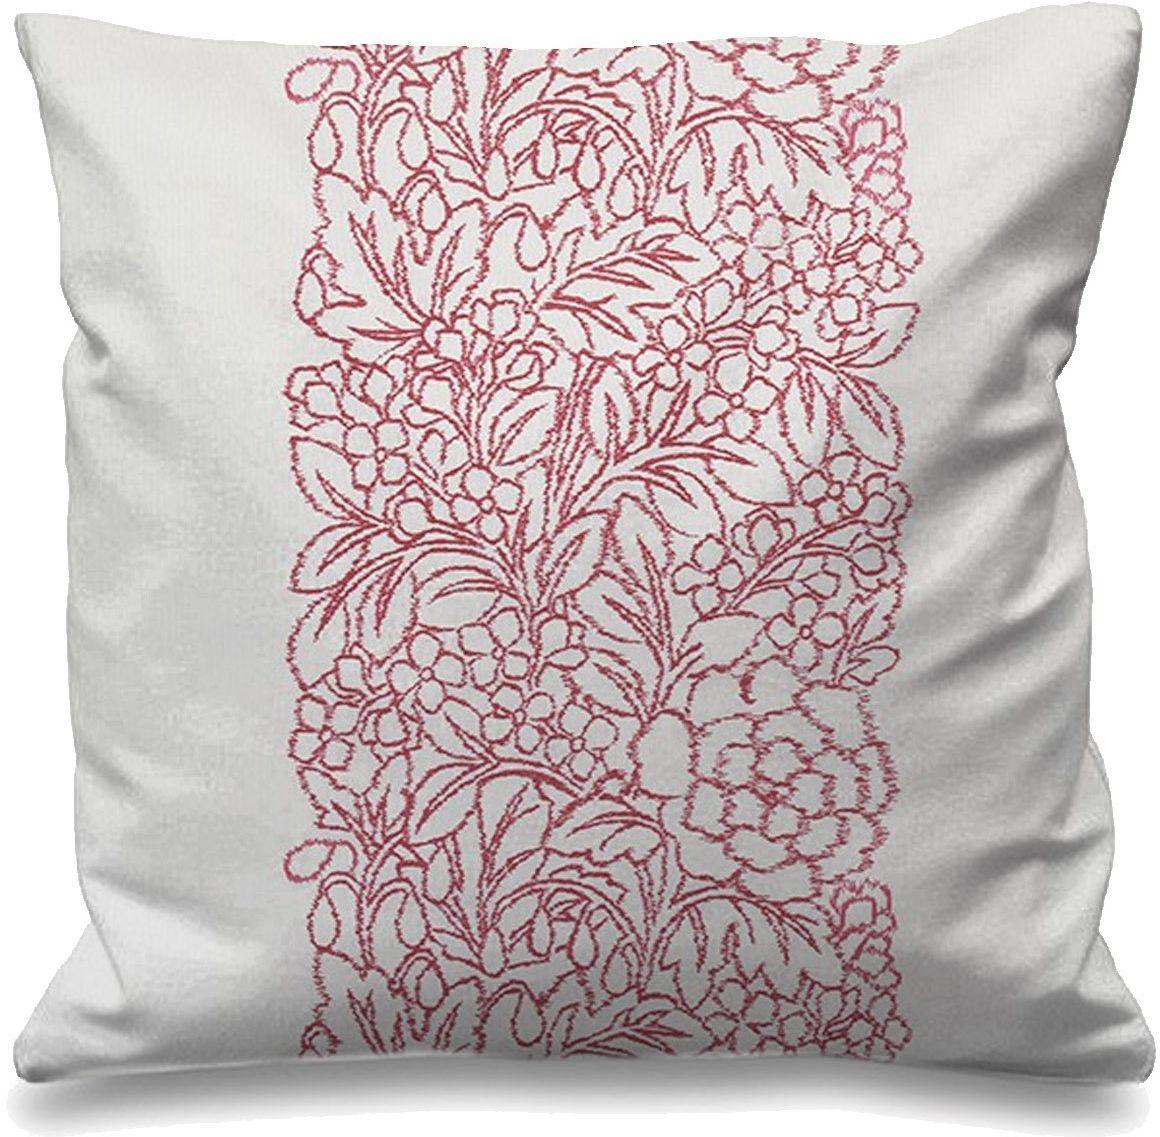 Rufflette PASSCUSH16 poduszka passion Amore, różowy kwiat bawełny, 50 x 50 x 50 cm